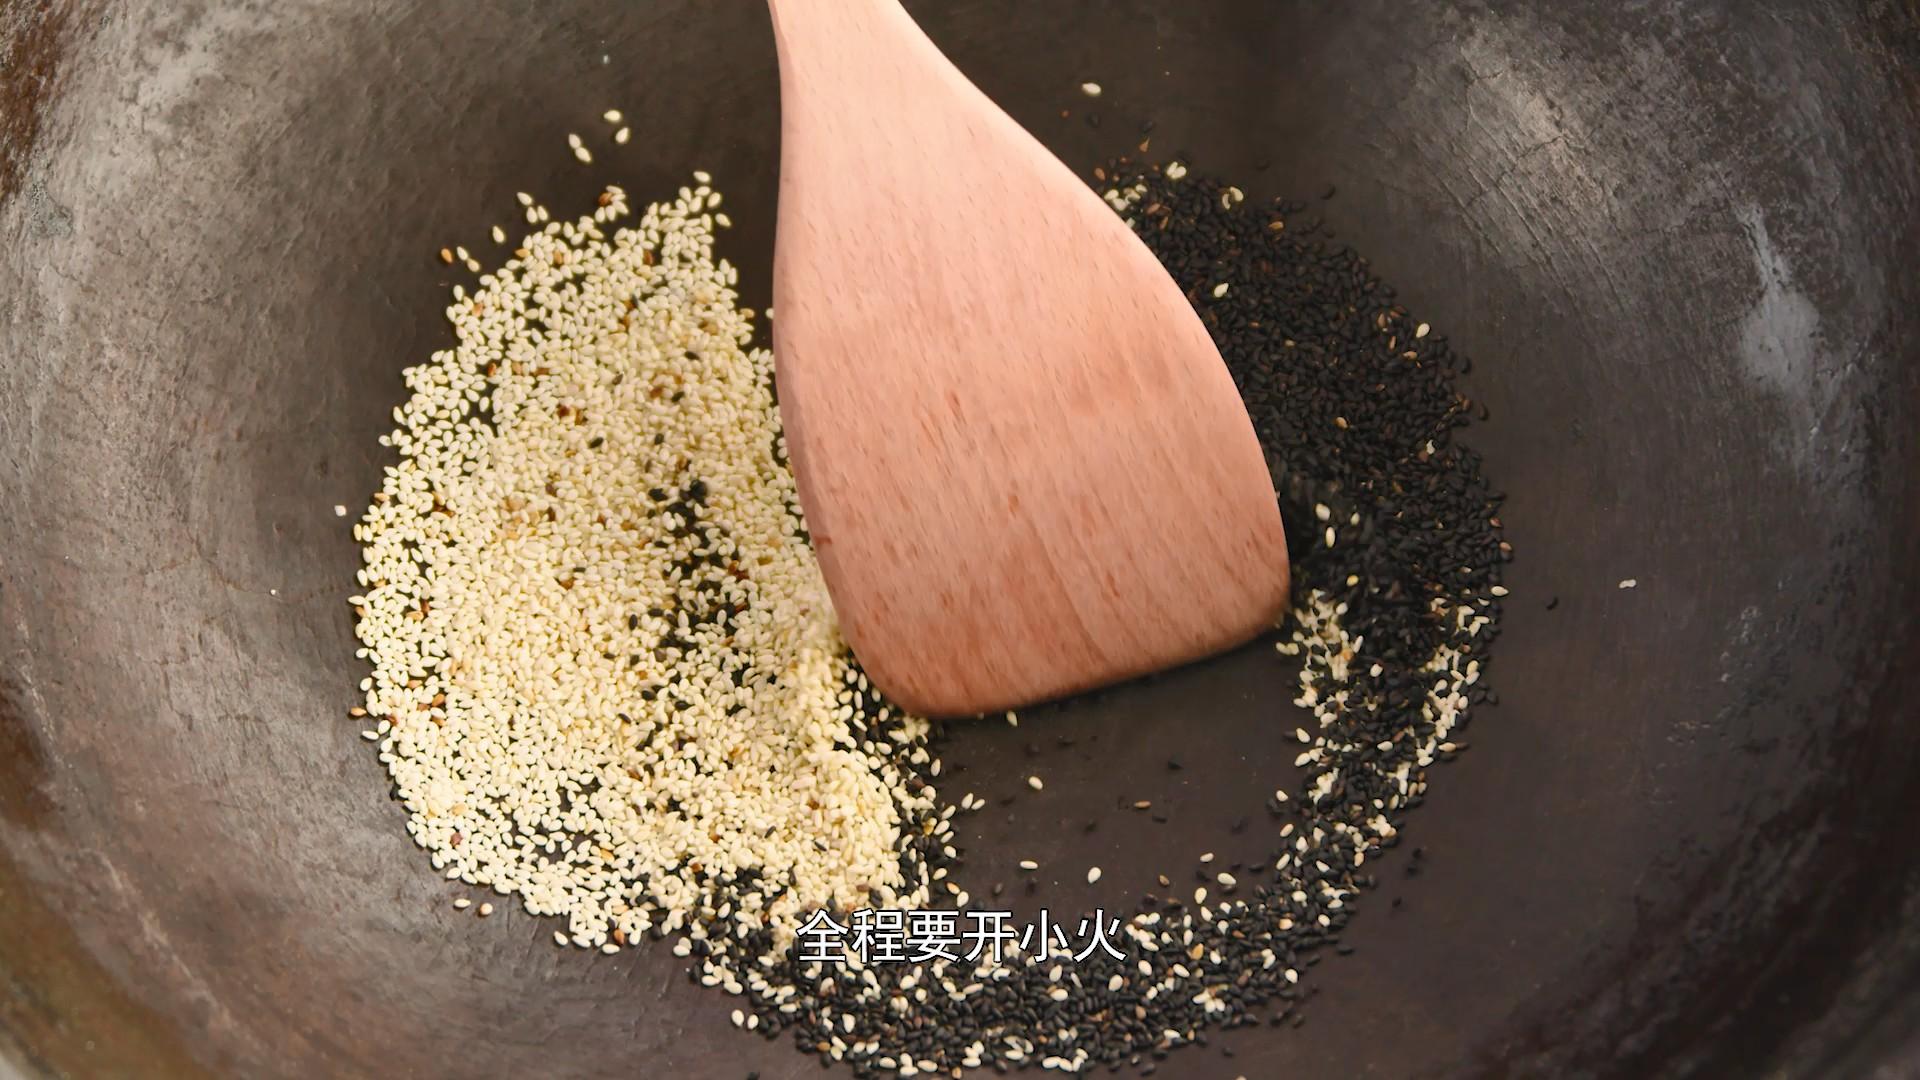 自制小零食【花生糖】,酥脆香甜,制作简单的做法大全